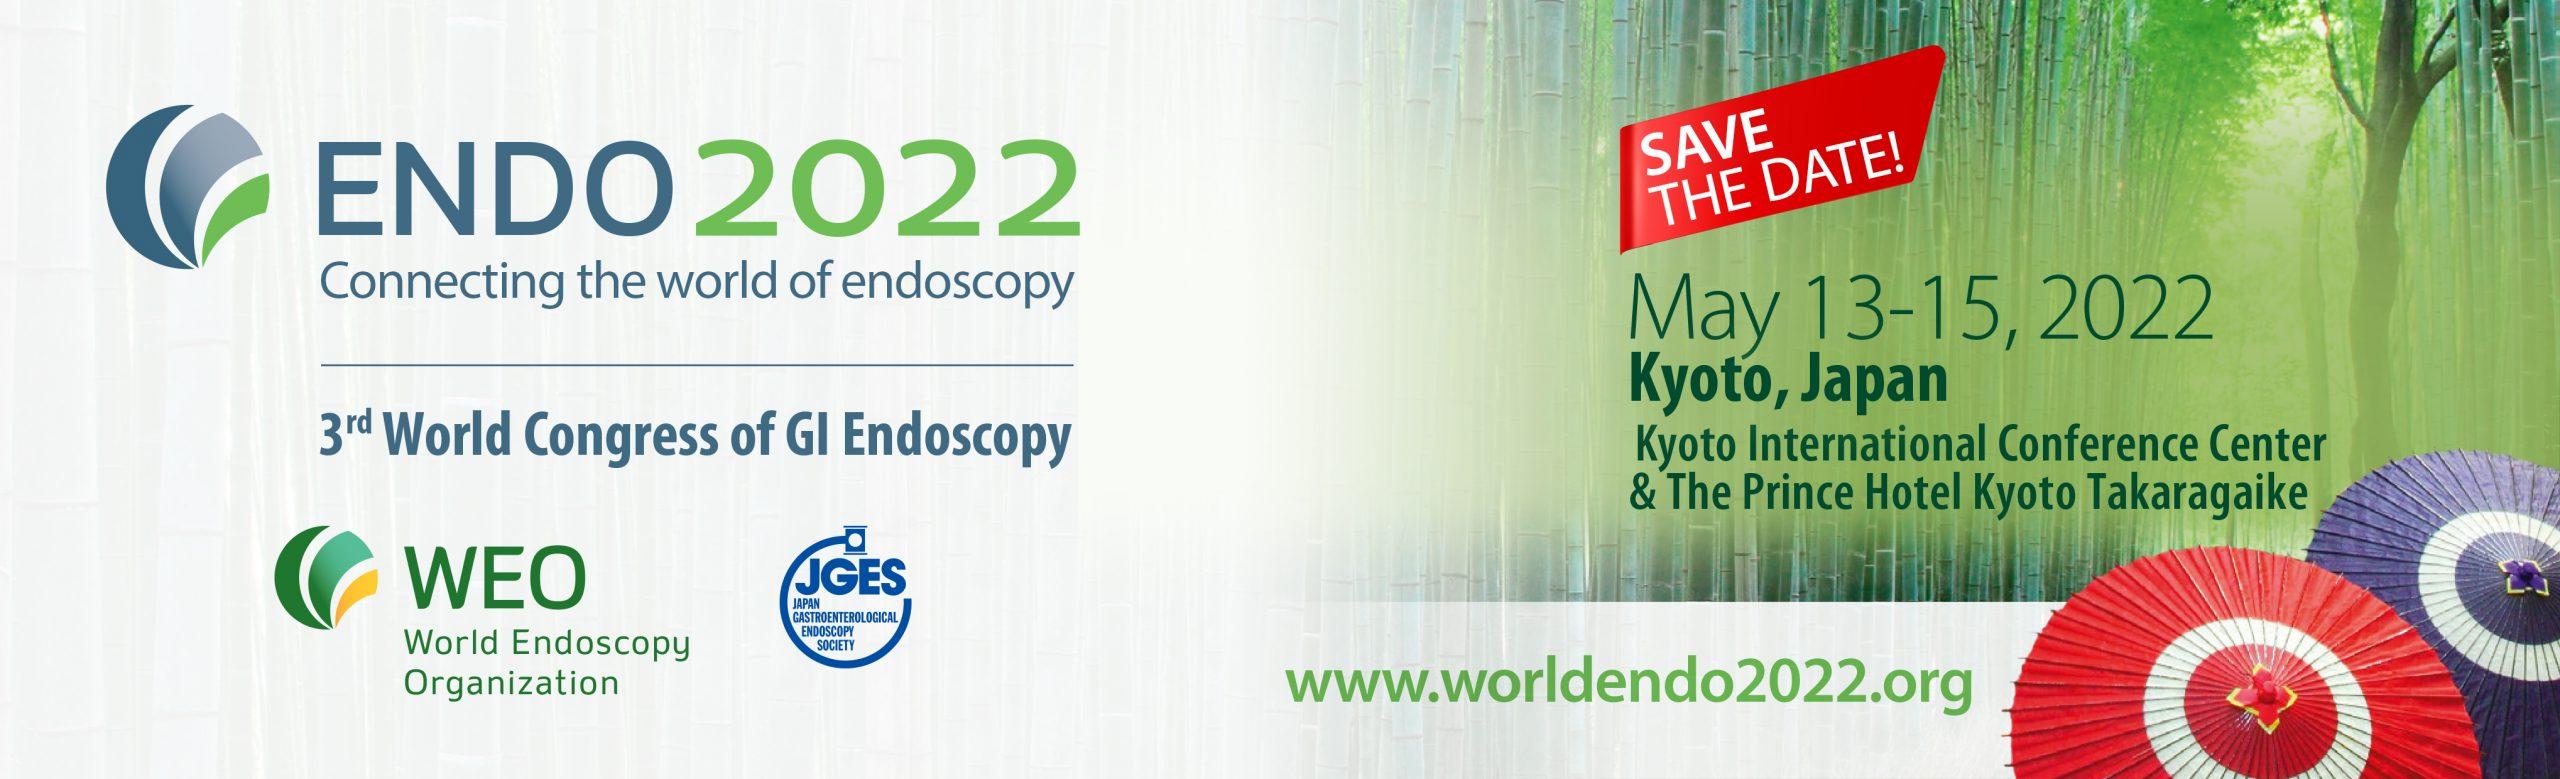 ENDO 2022, 3rd World Congress of GI Endoscopy